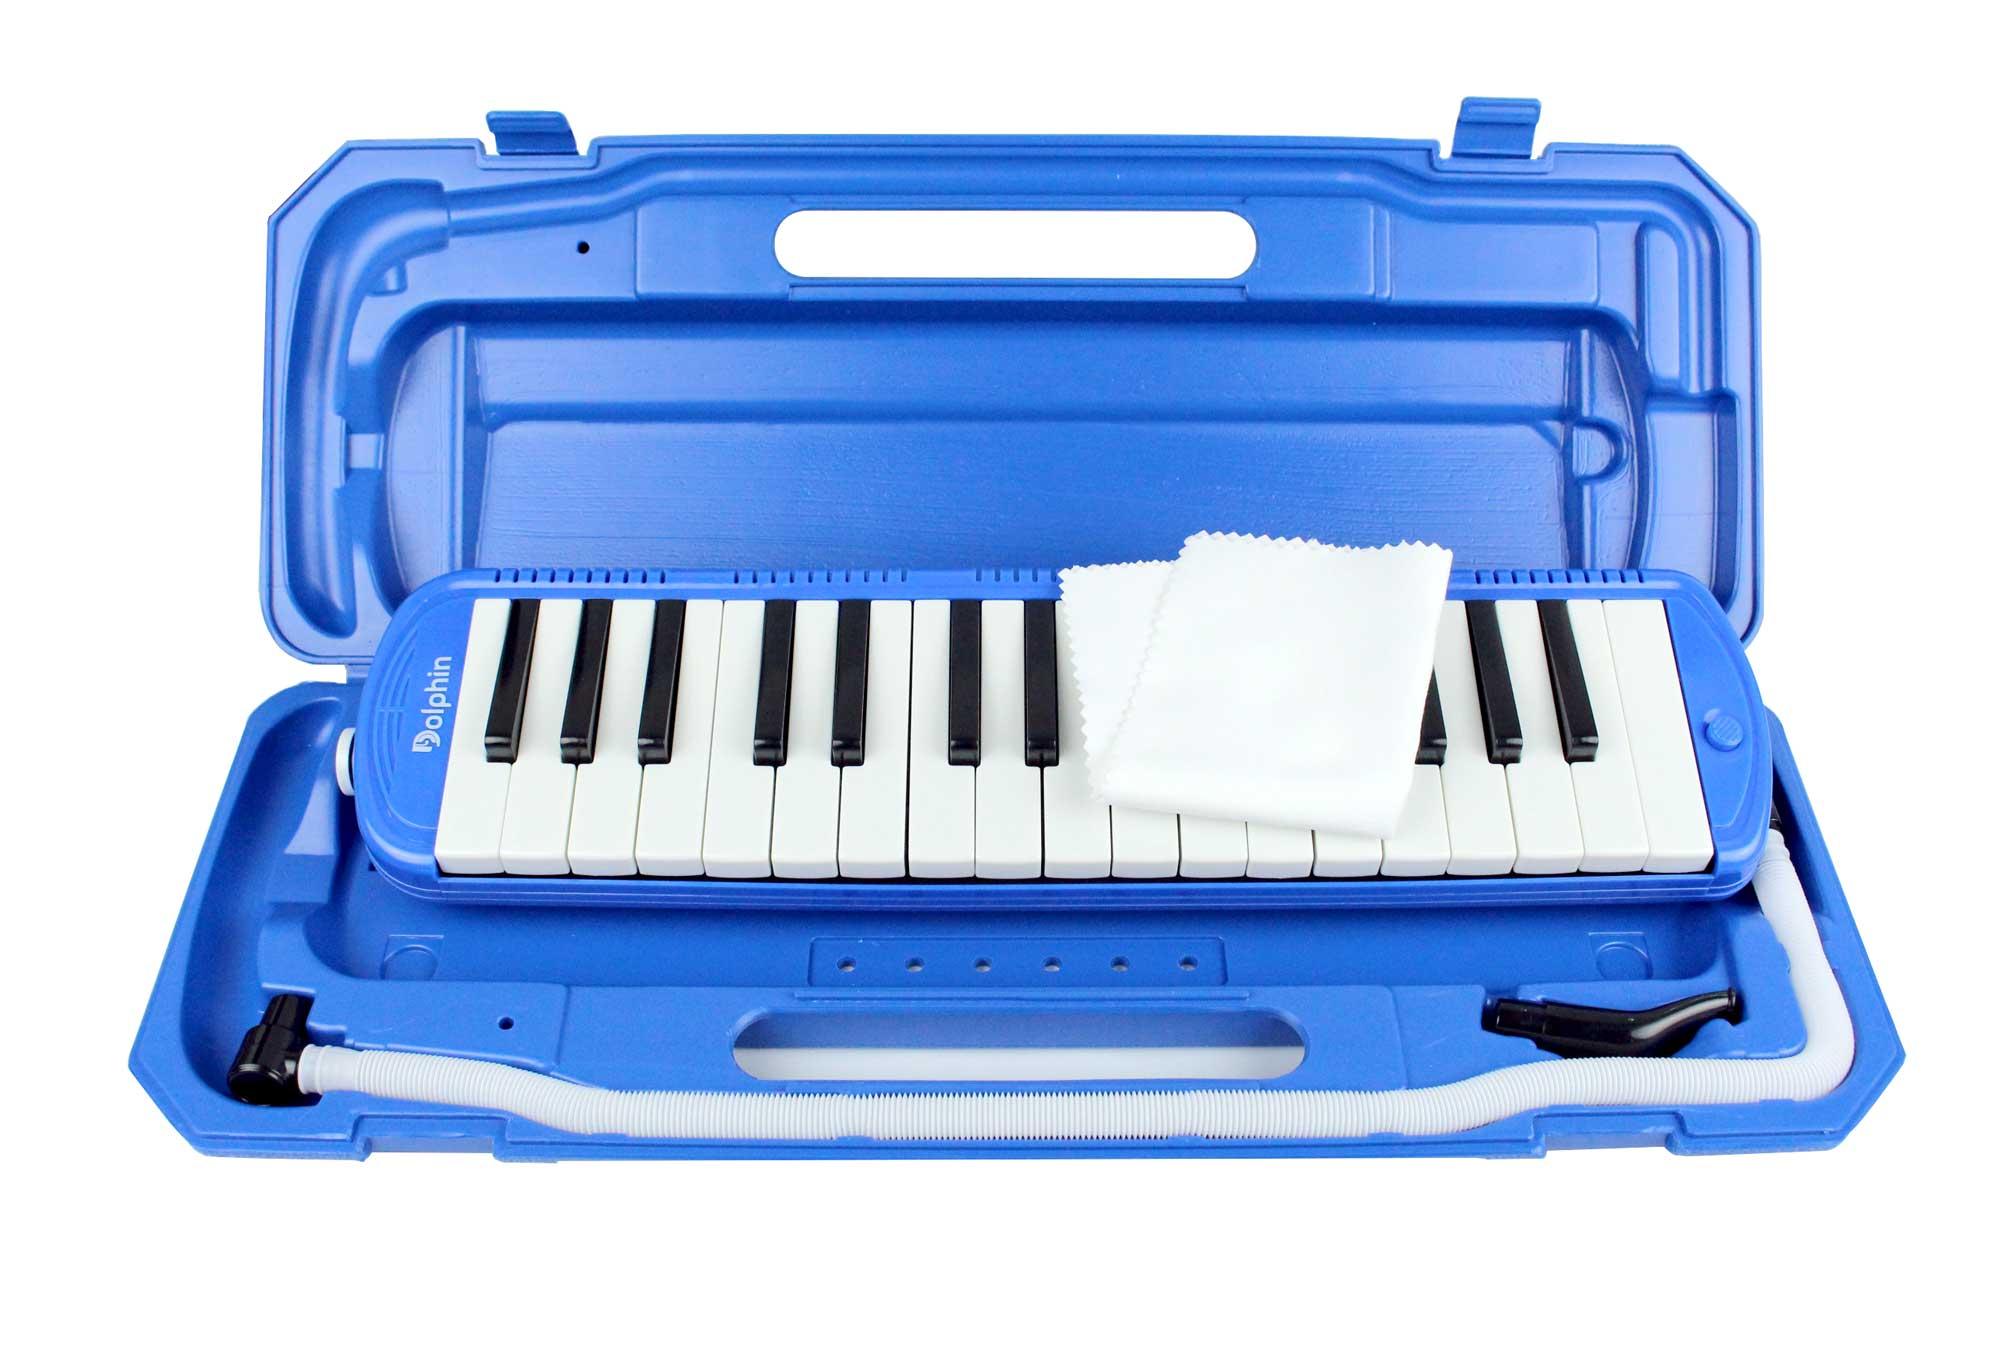 Escaleta melodica de 32 teclas na cor azul   Alcance de F a C   Dolphin   ESCALETA32AZ